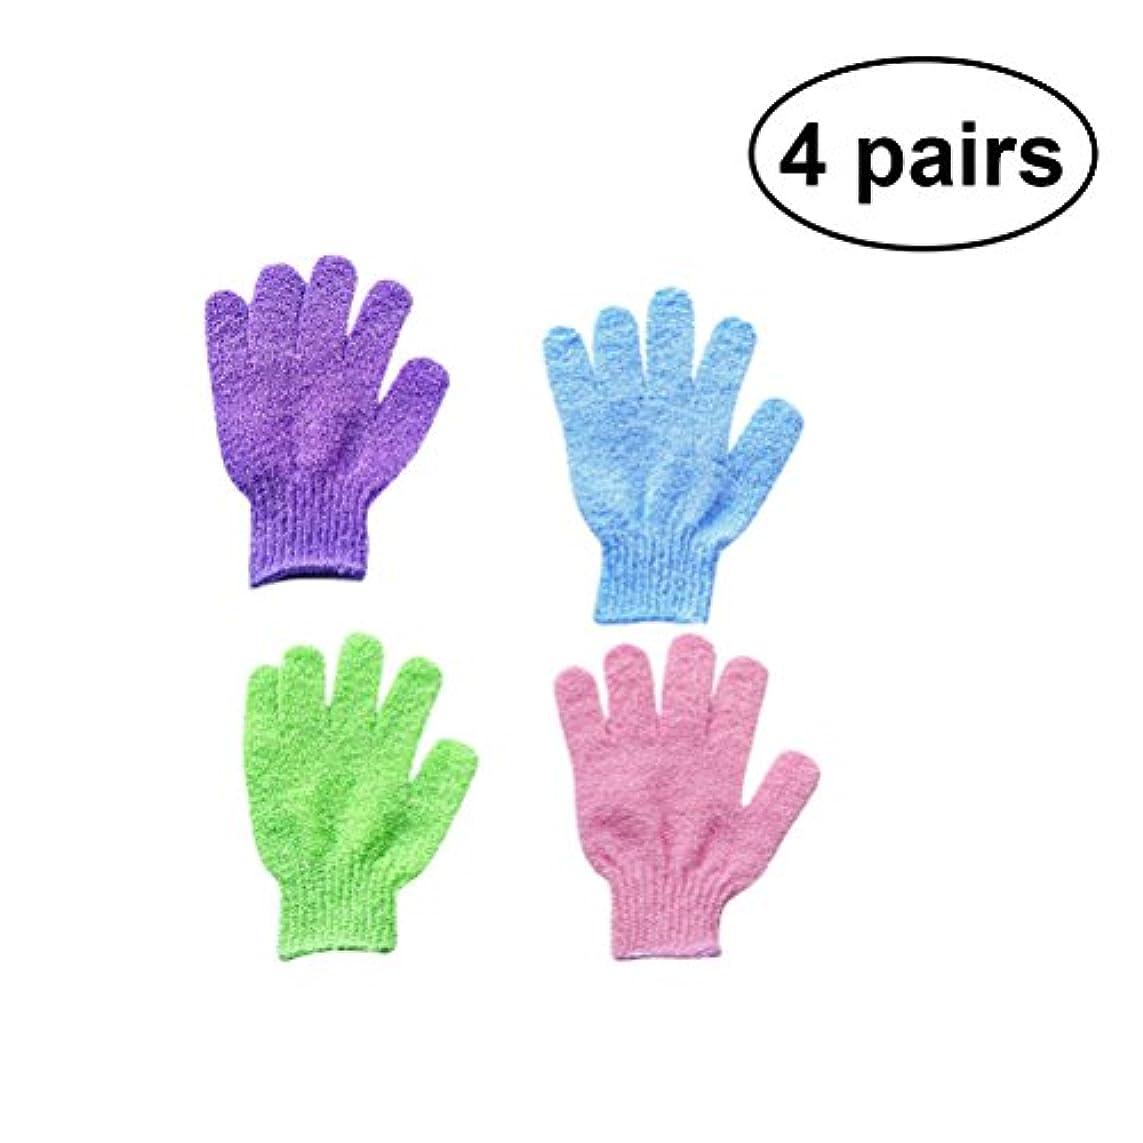 バンジョー機動サービスHealifty 4 Pairs Exfoliating Bath Gloves Shower Mitts Exfoliating Body Spa Massage Dead Skin Cell Remover